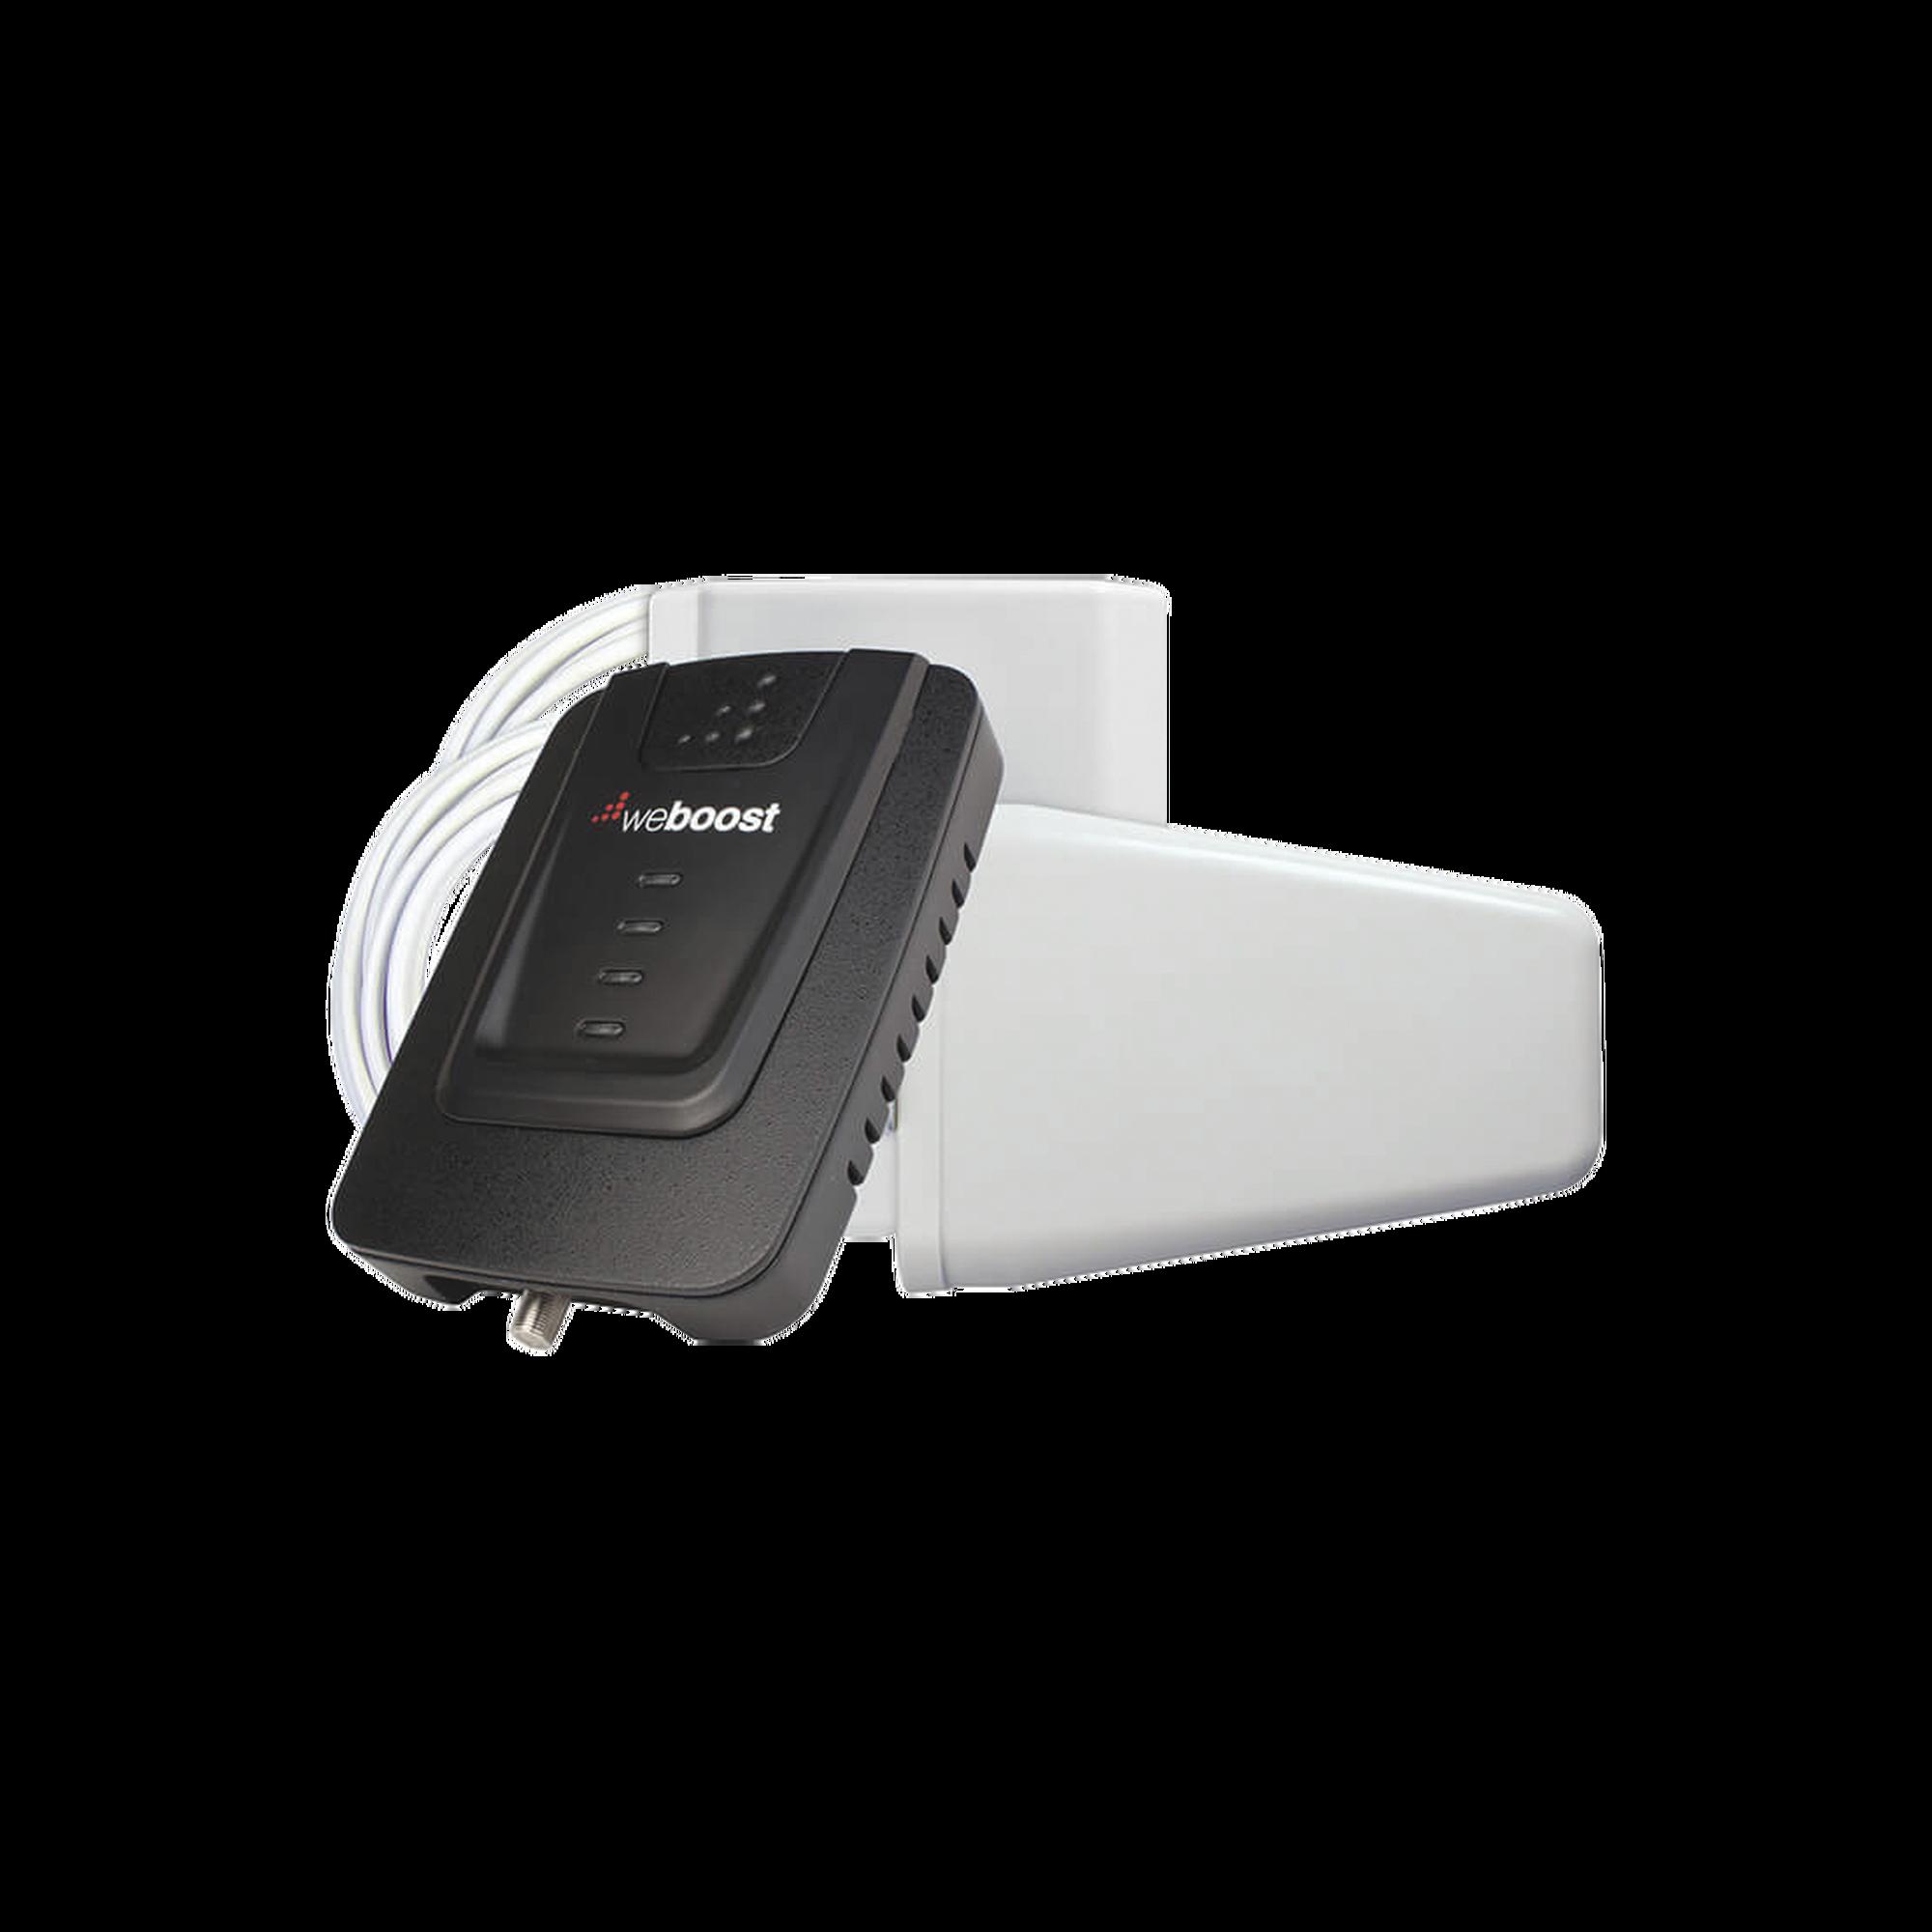 KIT de Amplificador de Se?al Celular Connect 4G, especial para Datos 4G LTE, 3G y Voz. Mejora la se?al en areas de hasta 465 metros cuadrados.